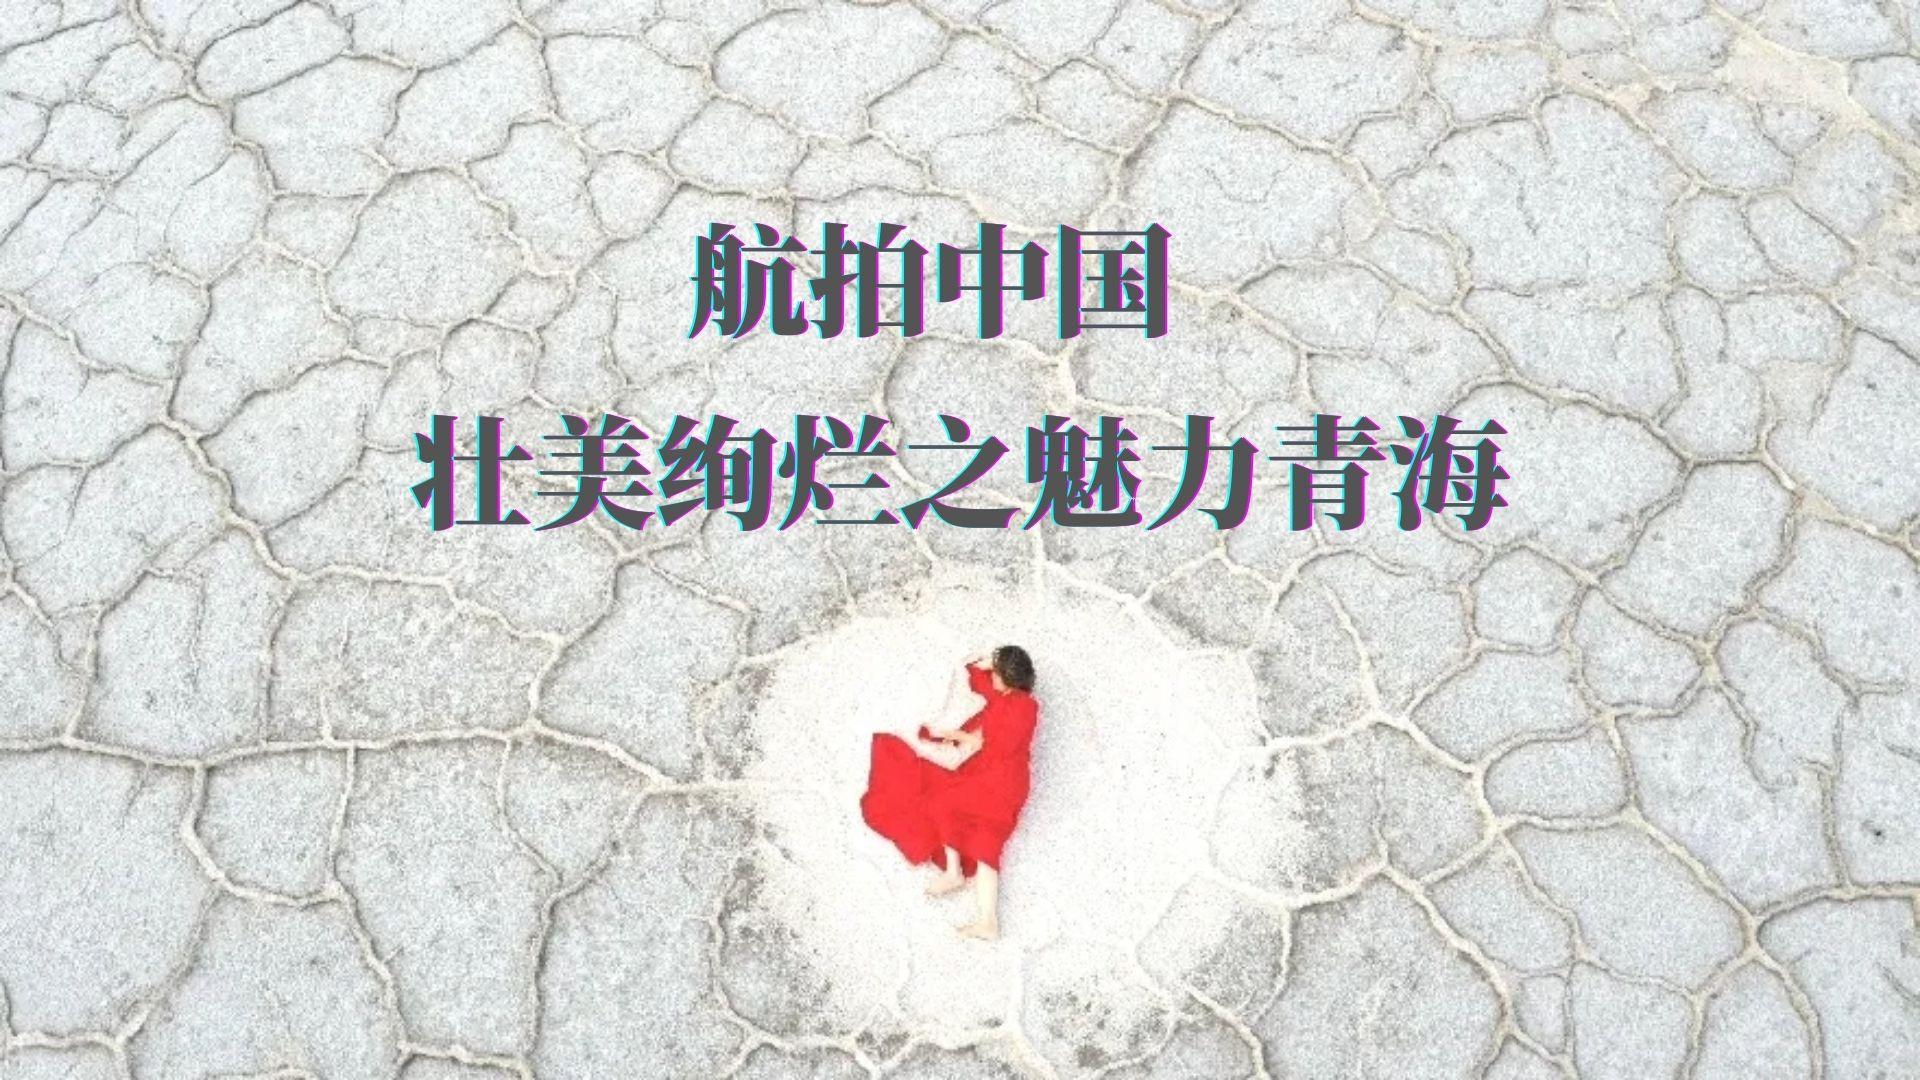 航拍中国·壮美绚烂之魅力青海